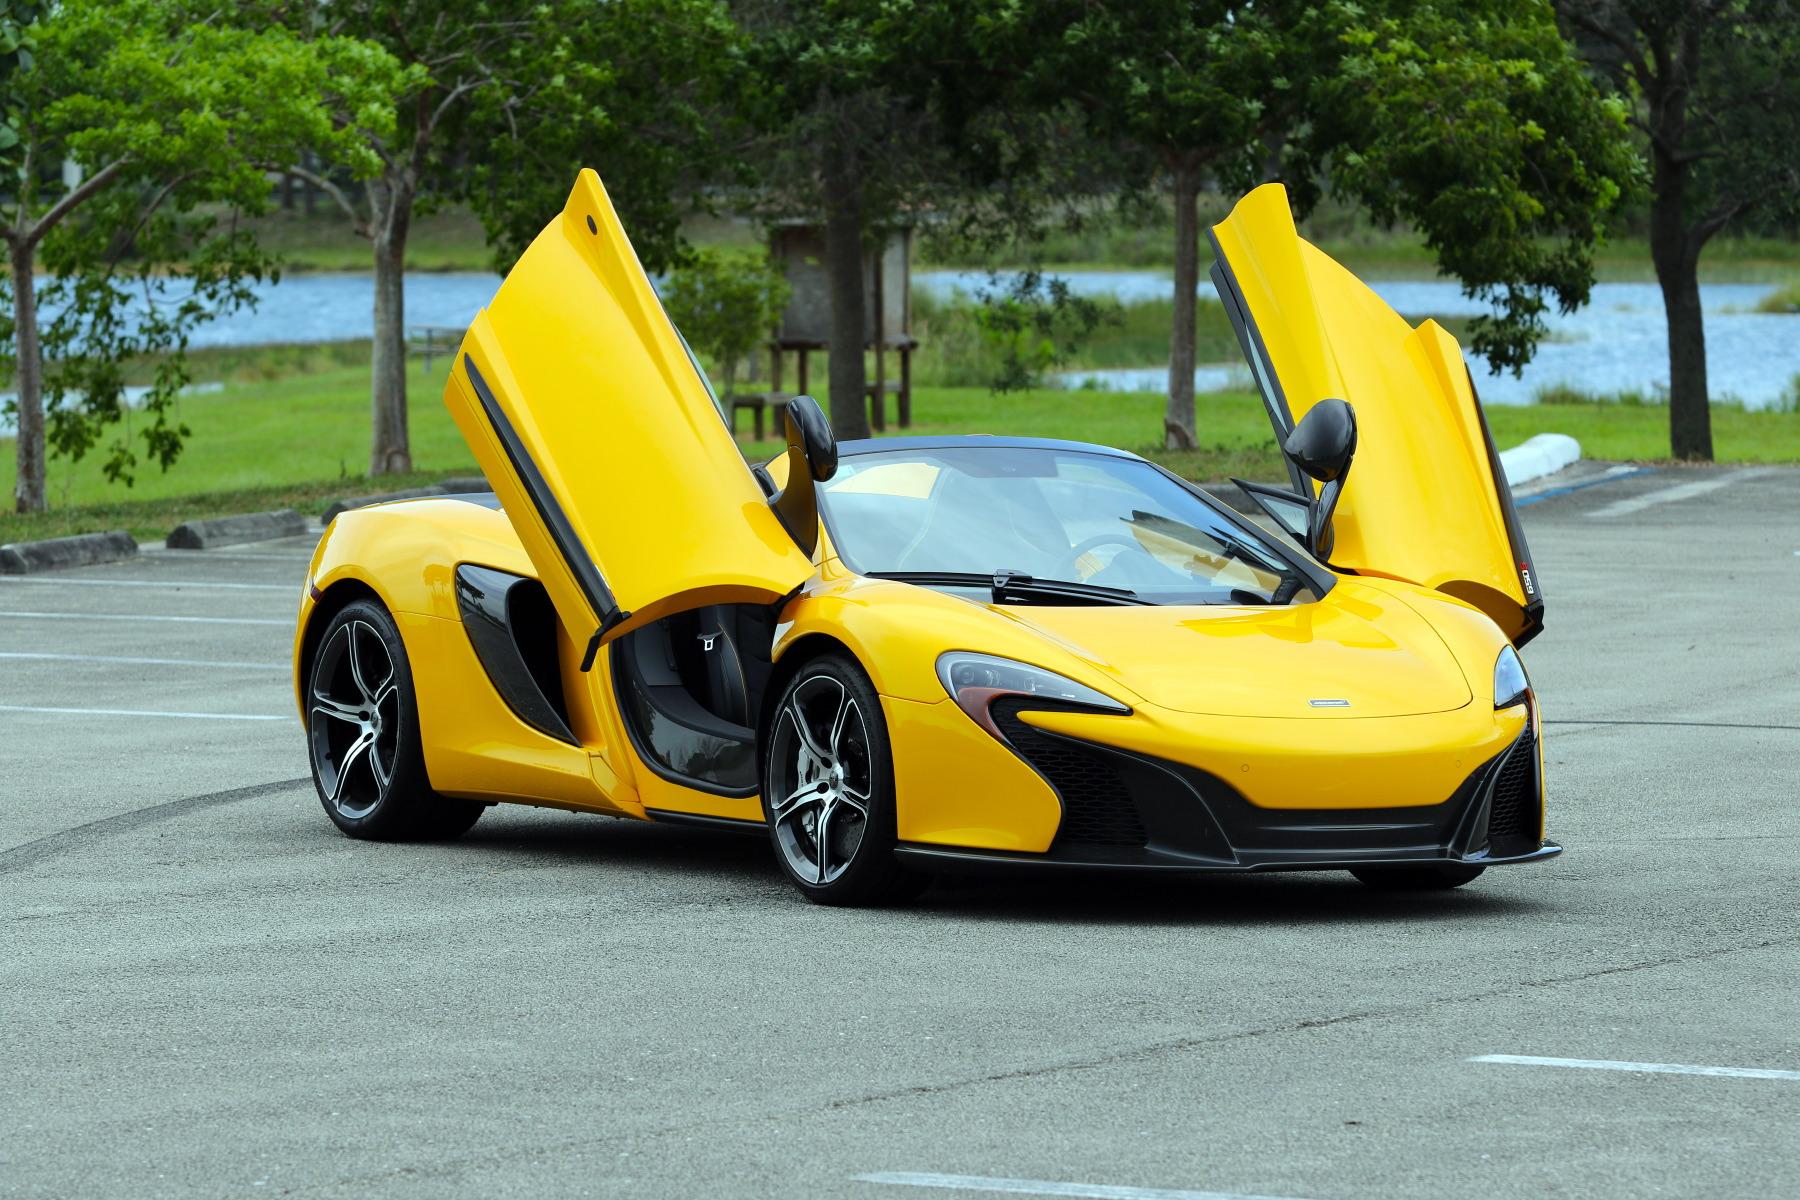 2015 McLaren 650S Spider Volcano Yellow Picture Gallery